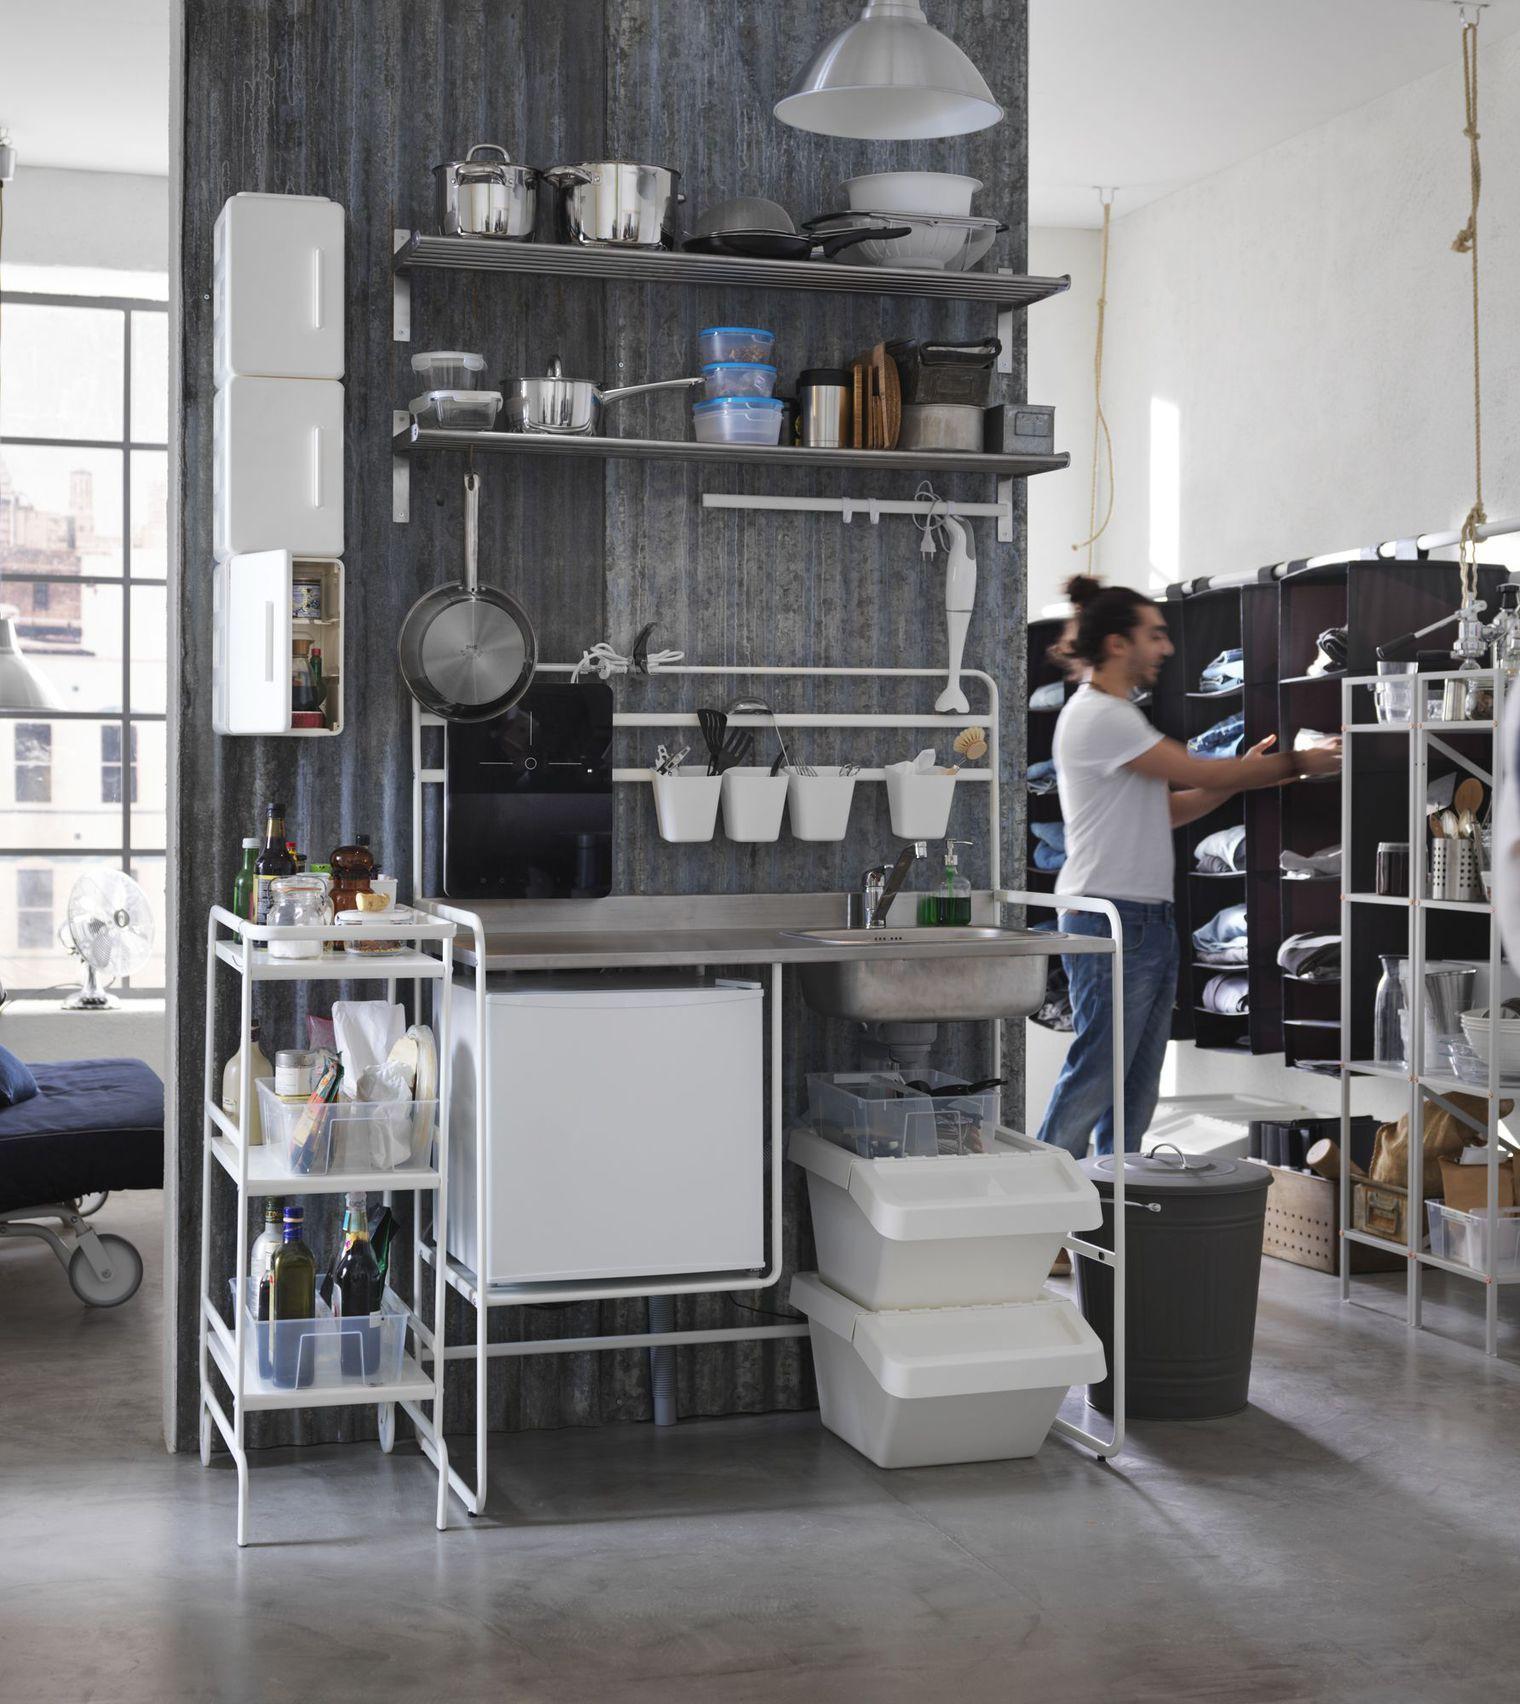 Full Size of Ikea Sunnersta Google Minikche Modulküche Freistehende Küche Musterküche Schmales Regal Fliesen Für Aufbewahrungsbehälter Deckenlampe Landküche Buche Wohnzimmer Single Küche Ikea